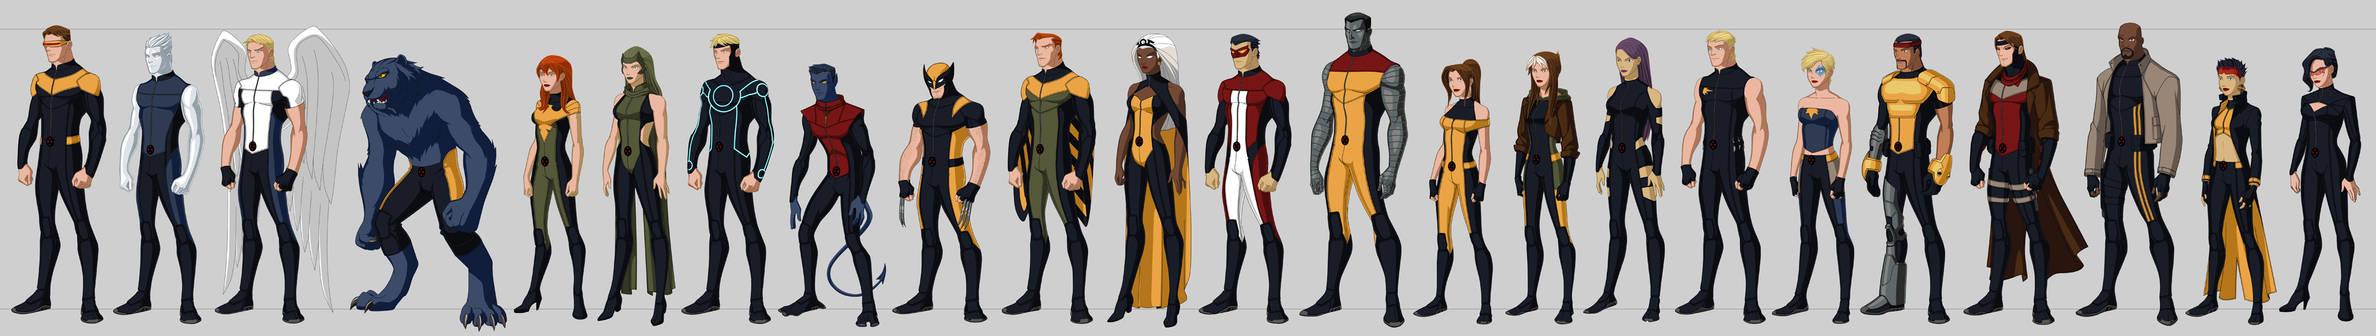 X-men Costume Redesigns